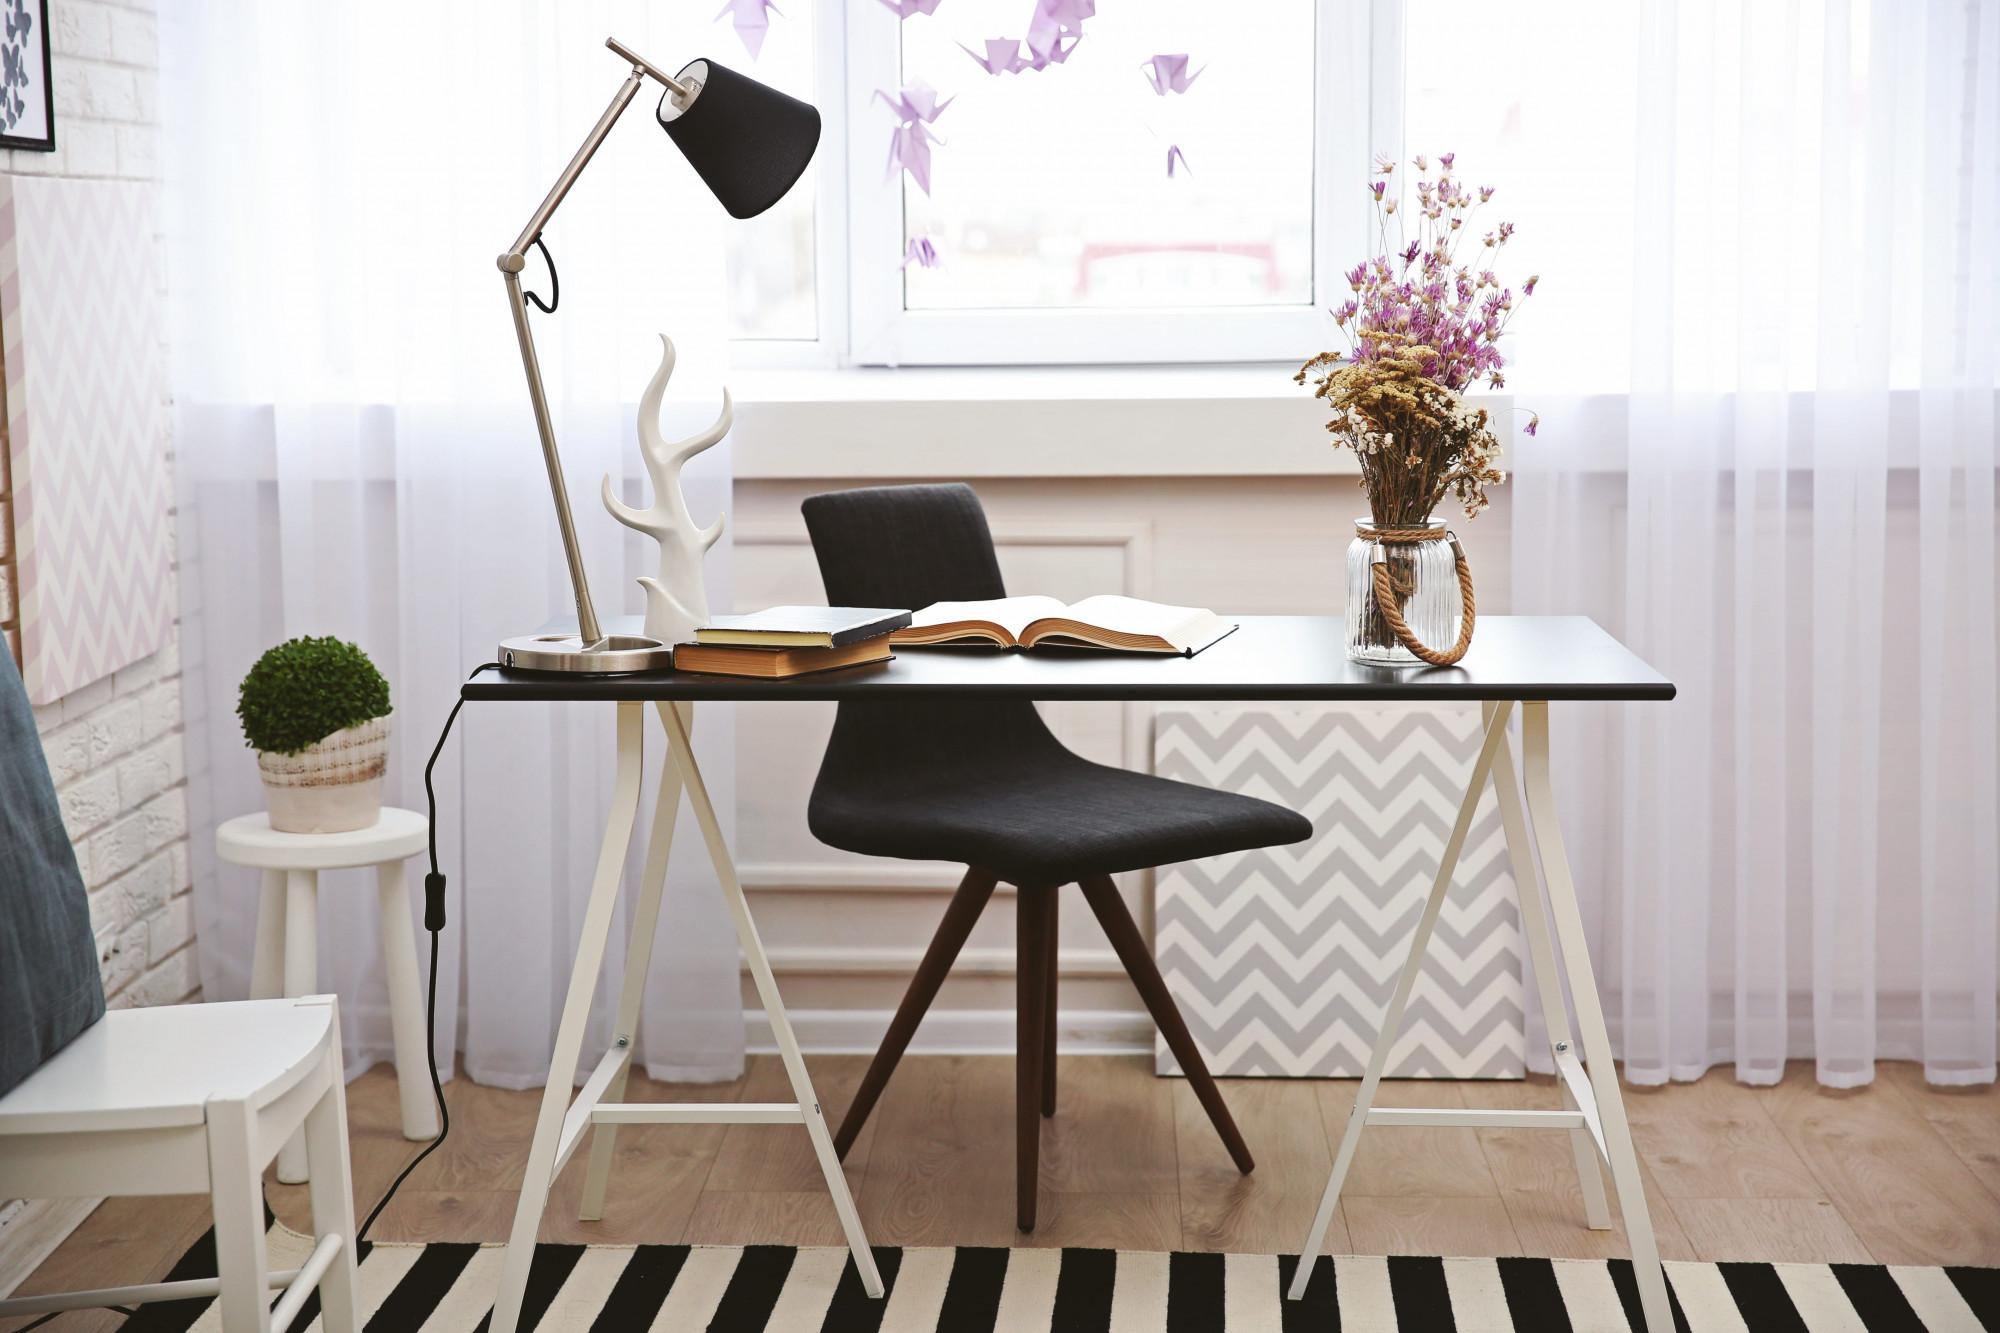 Čierno-biely písací stôl, stolová lampa a čierna stolička